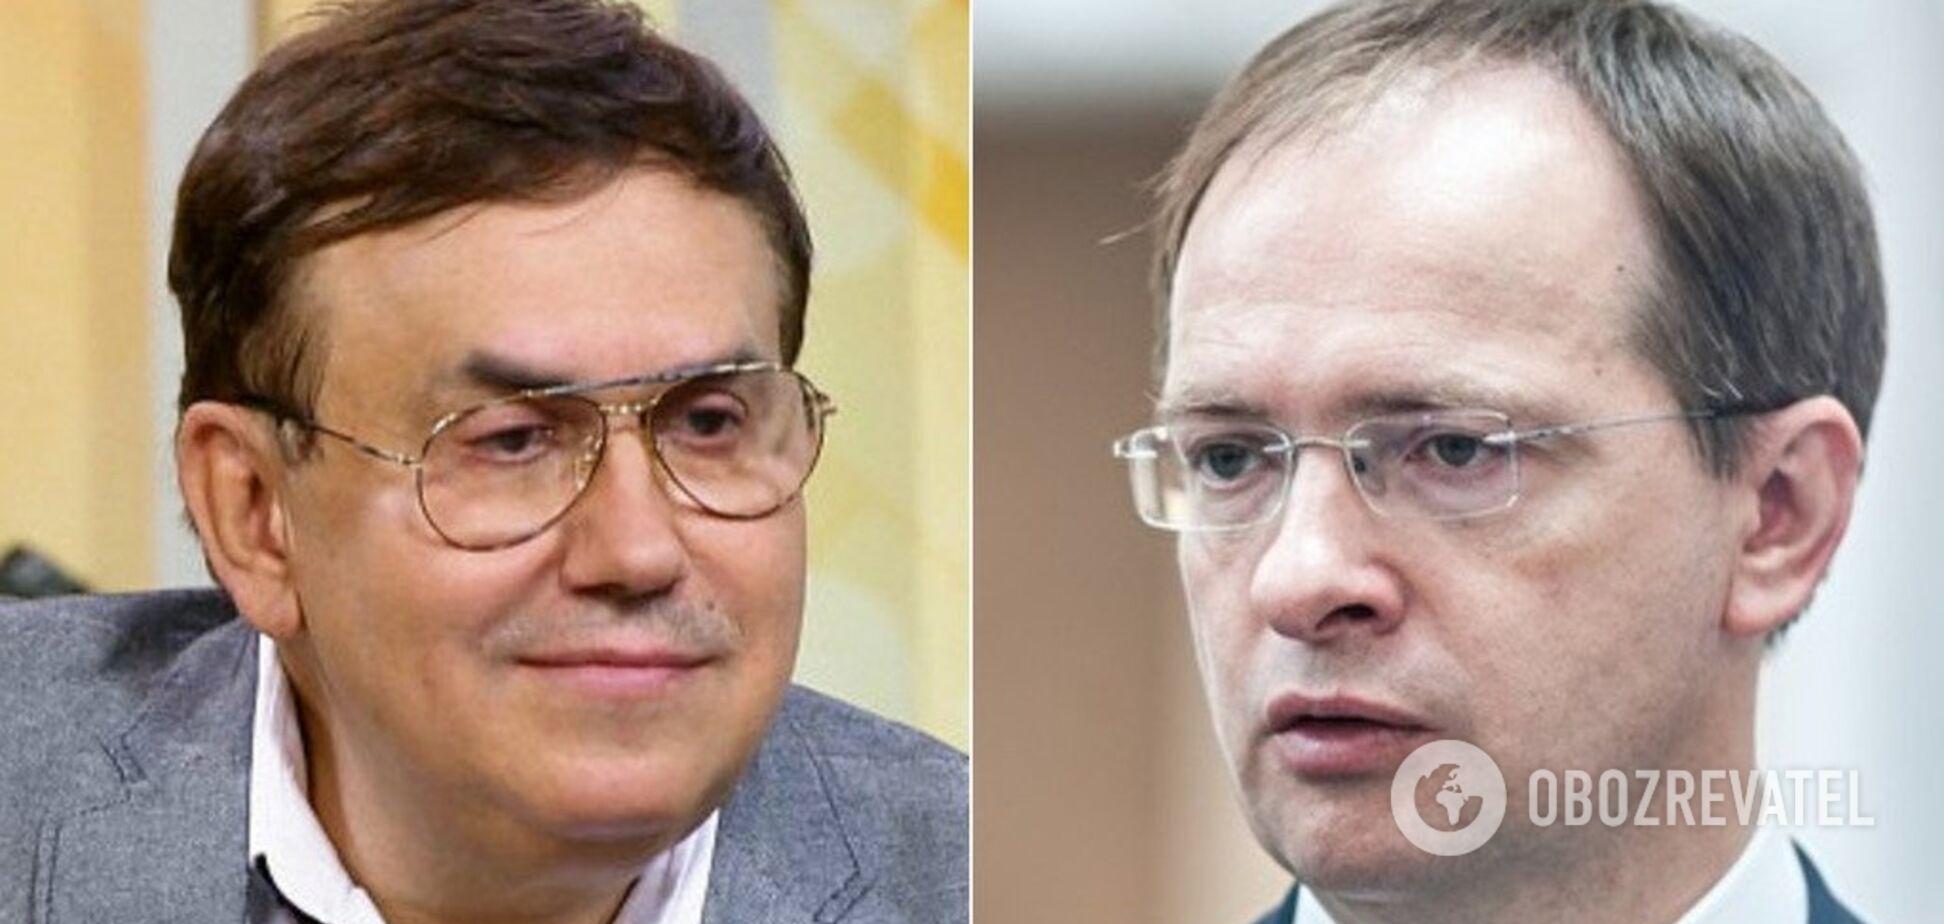 'Нарешті прибрали м**ака': Садальський розніс російського міністра, вигнаного Путіним